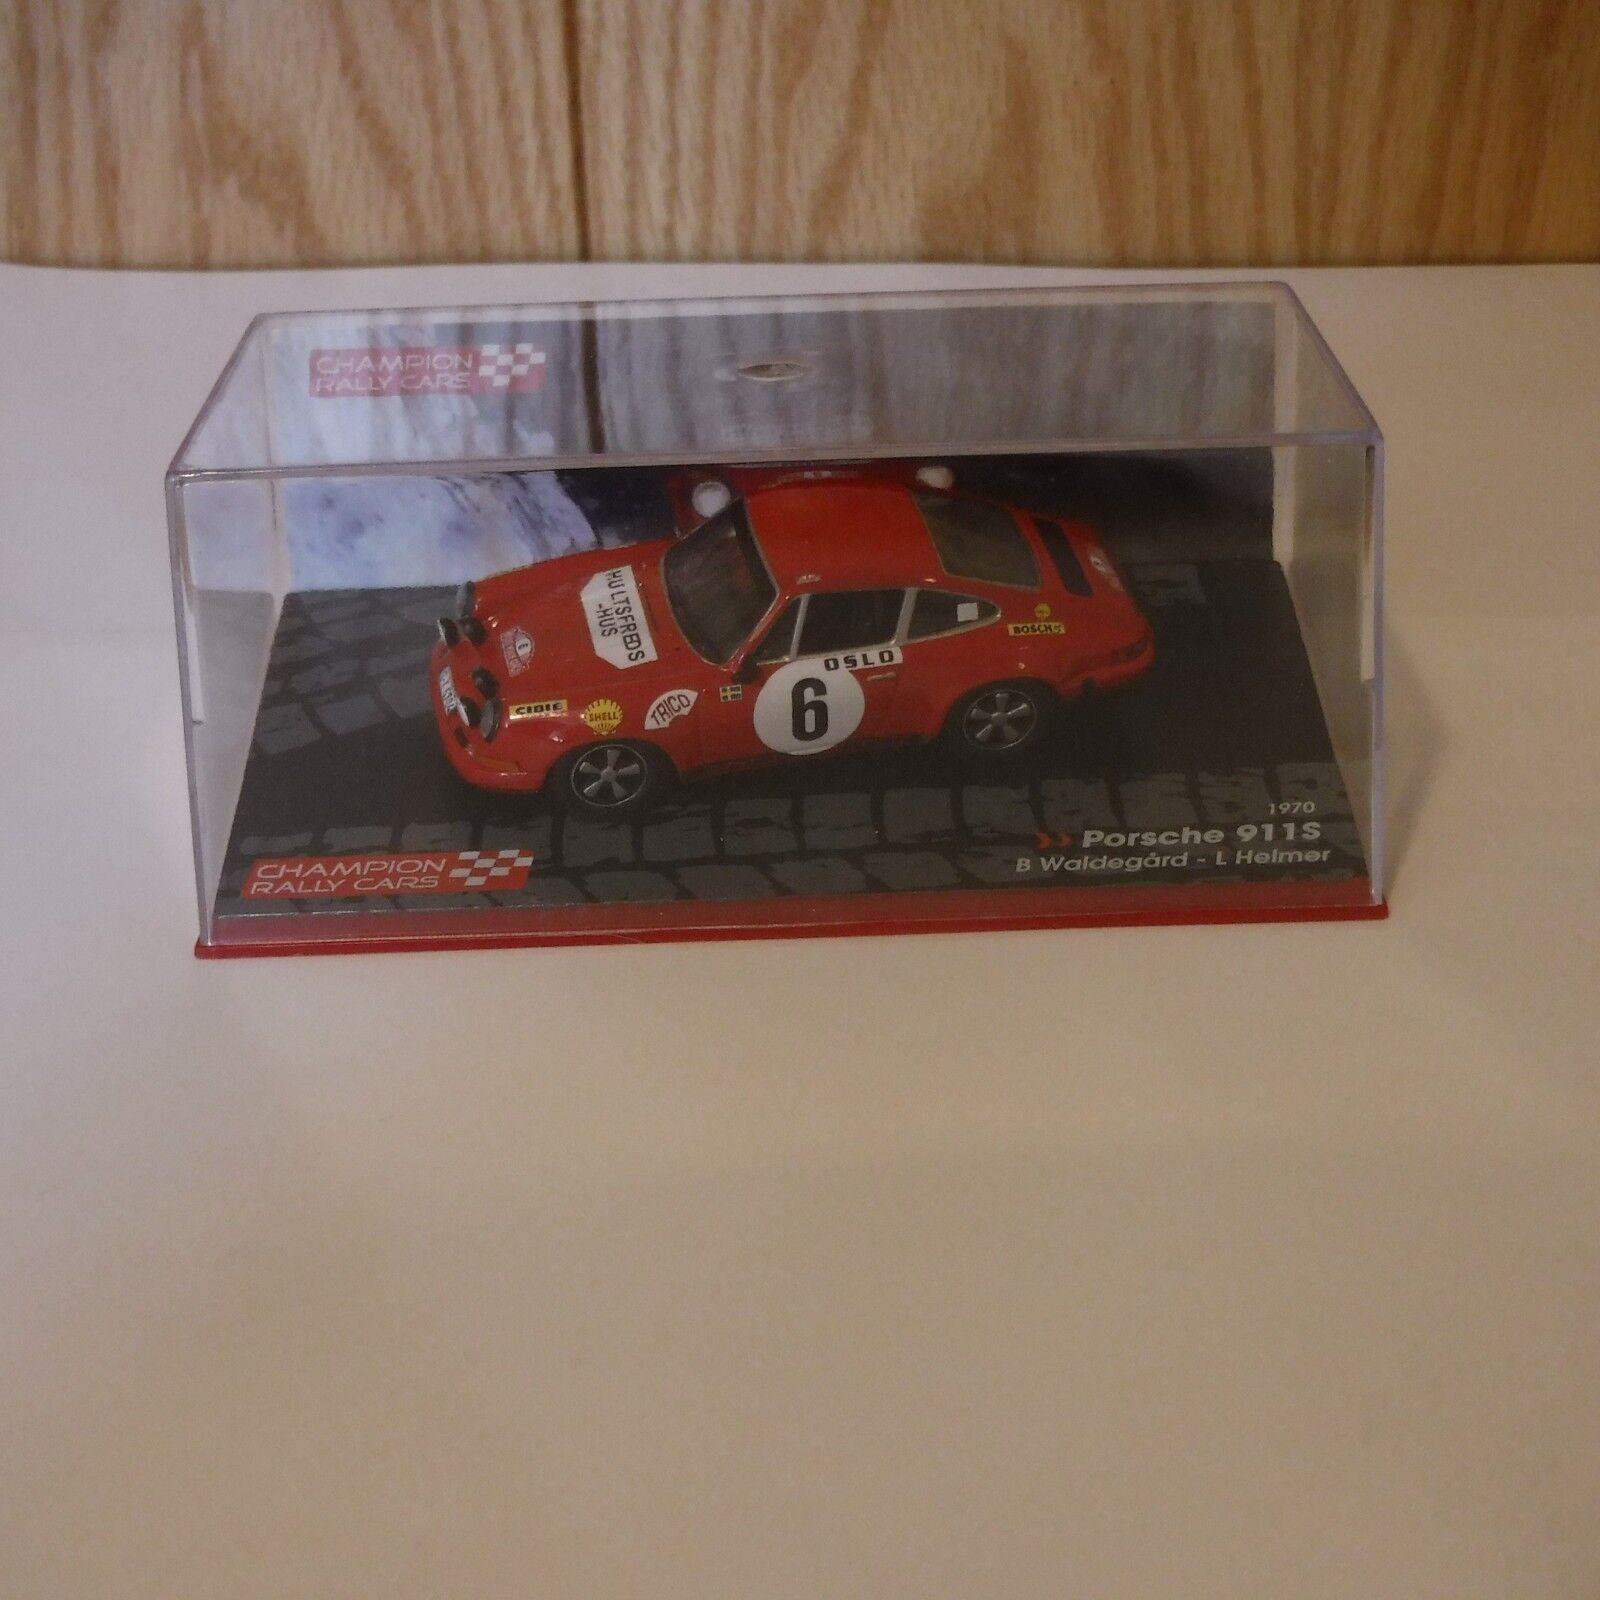 1970 Porsche 911 S  1 43 Scale Die cast Champion Rally Car